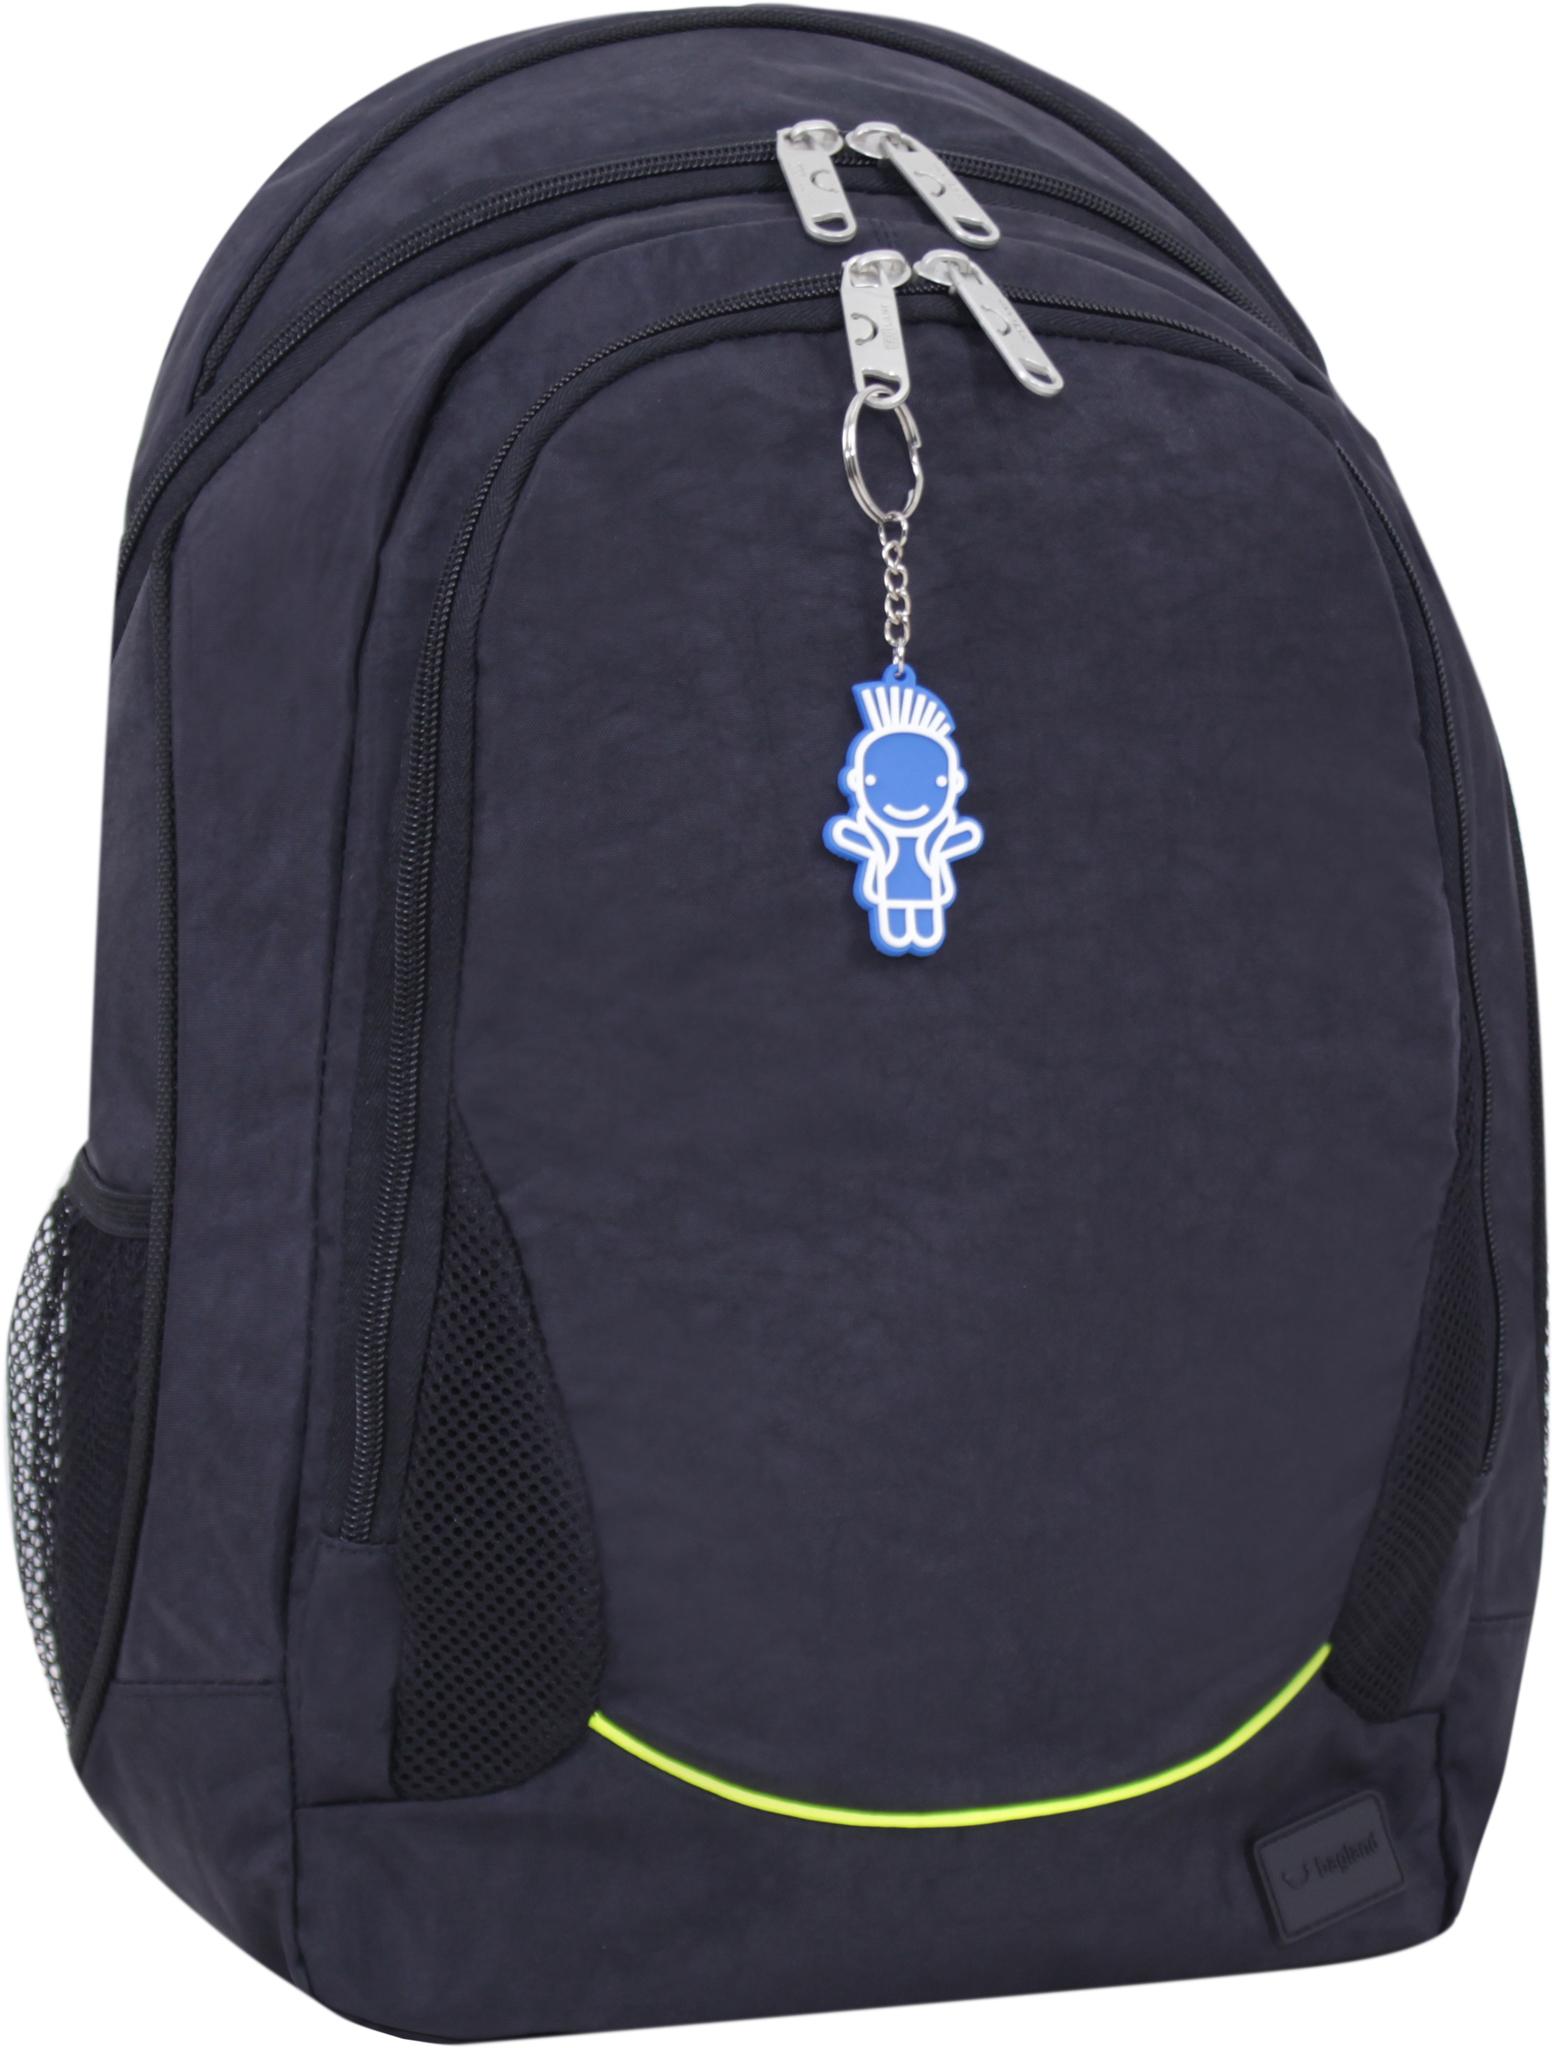 Городские рюкзаки Рюкзак Bagland Ураган 20 л. черный (0057470) IMG_8847.JPG